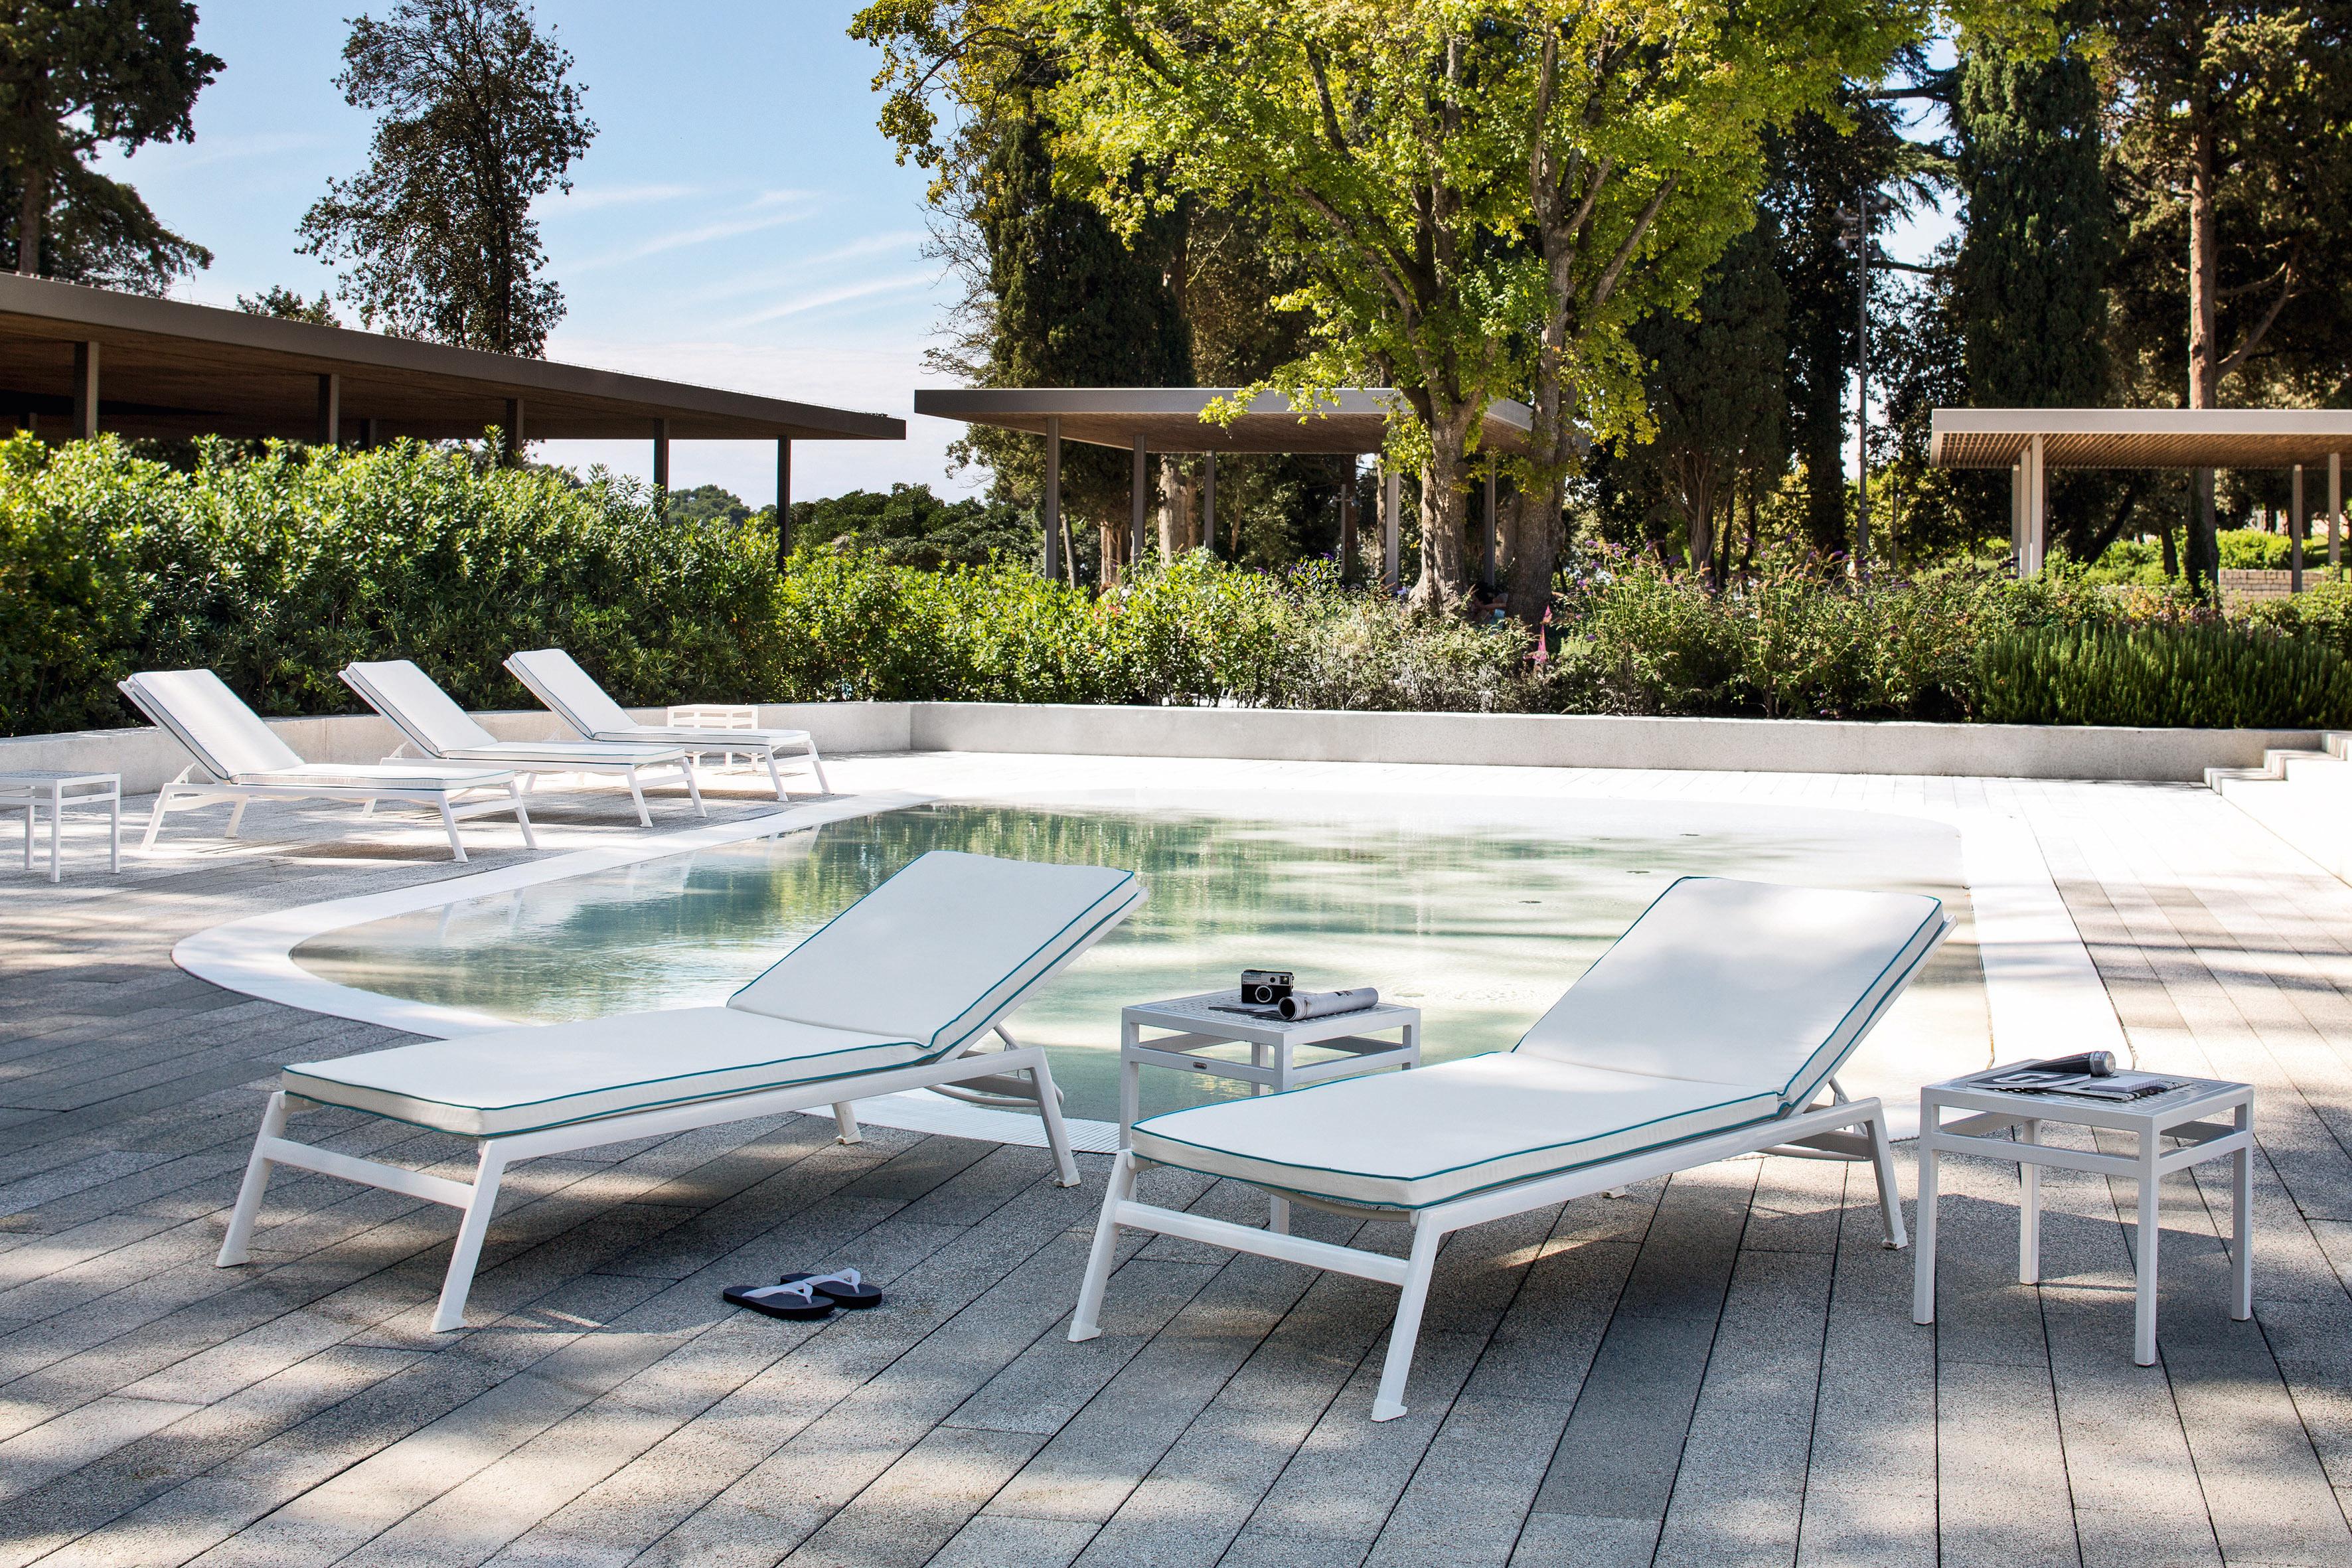 Lettino per piscina victor - Lettino piscina alluminio ...